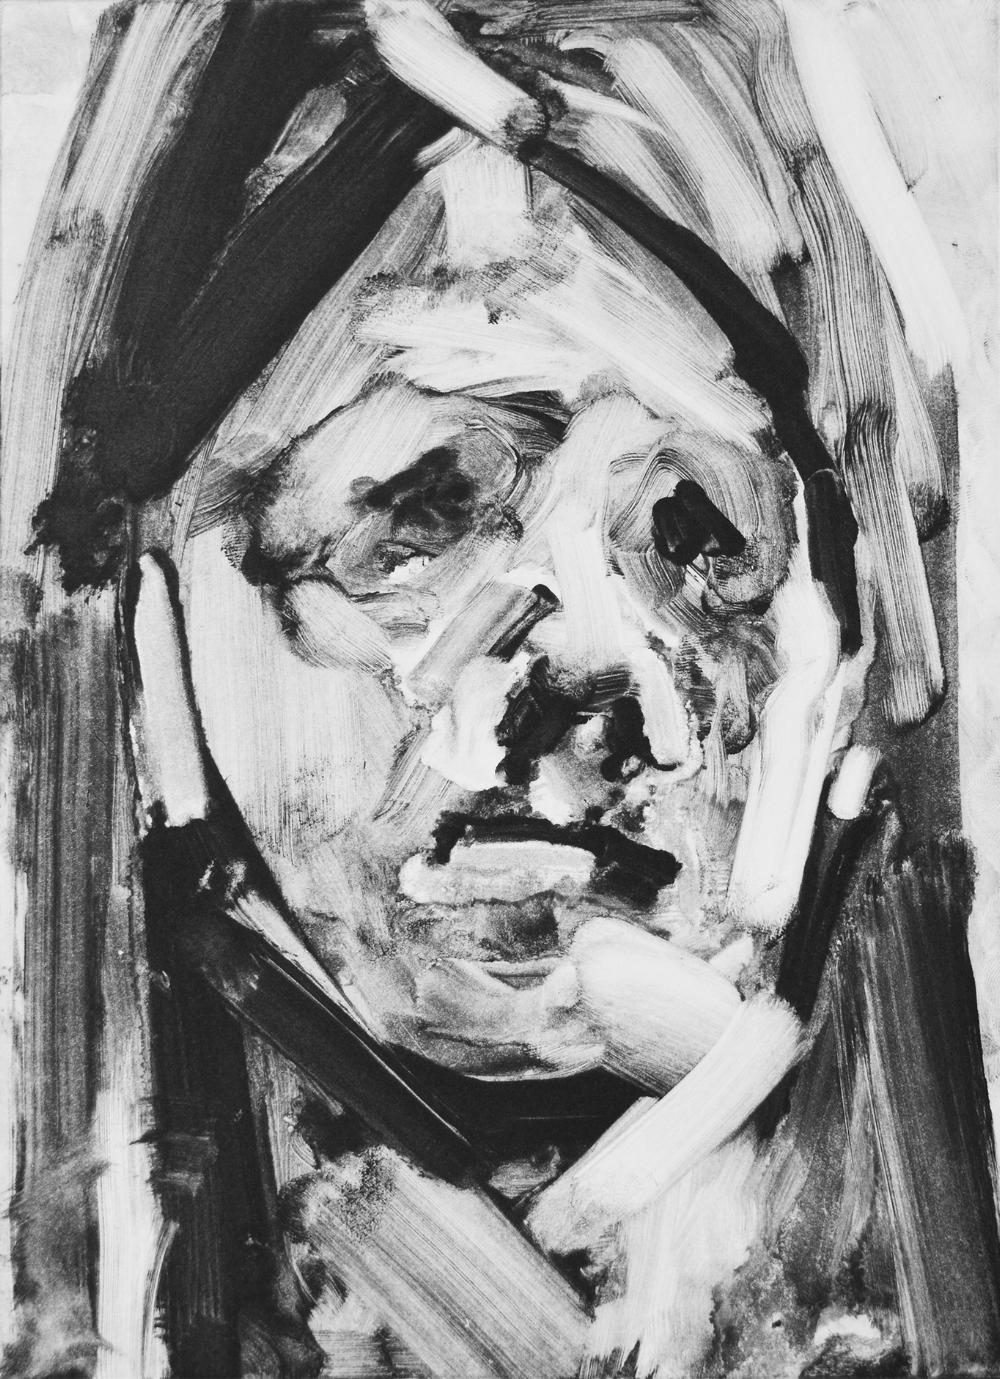 Becky 2016 monotype 22.2 x 16.2 cm